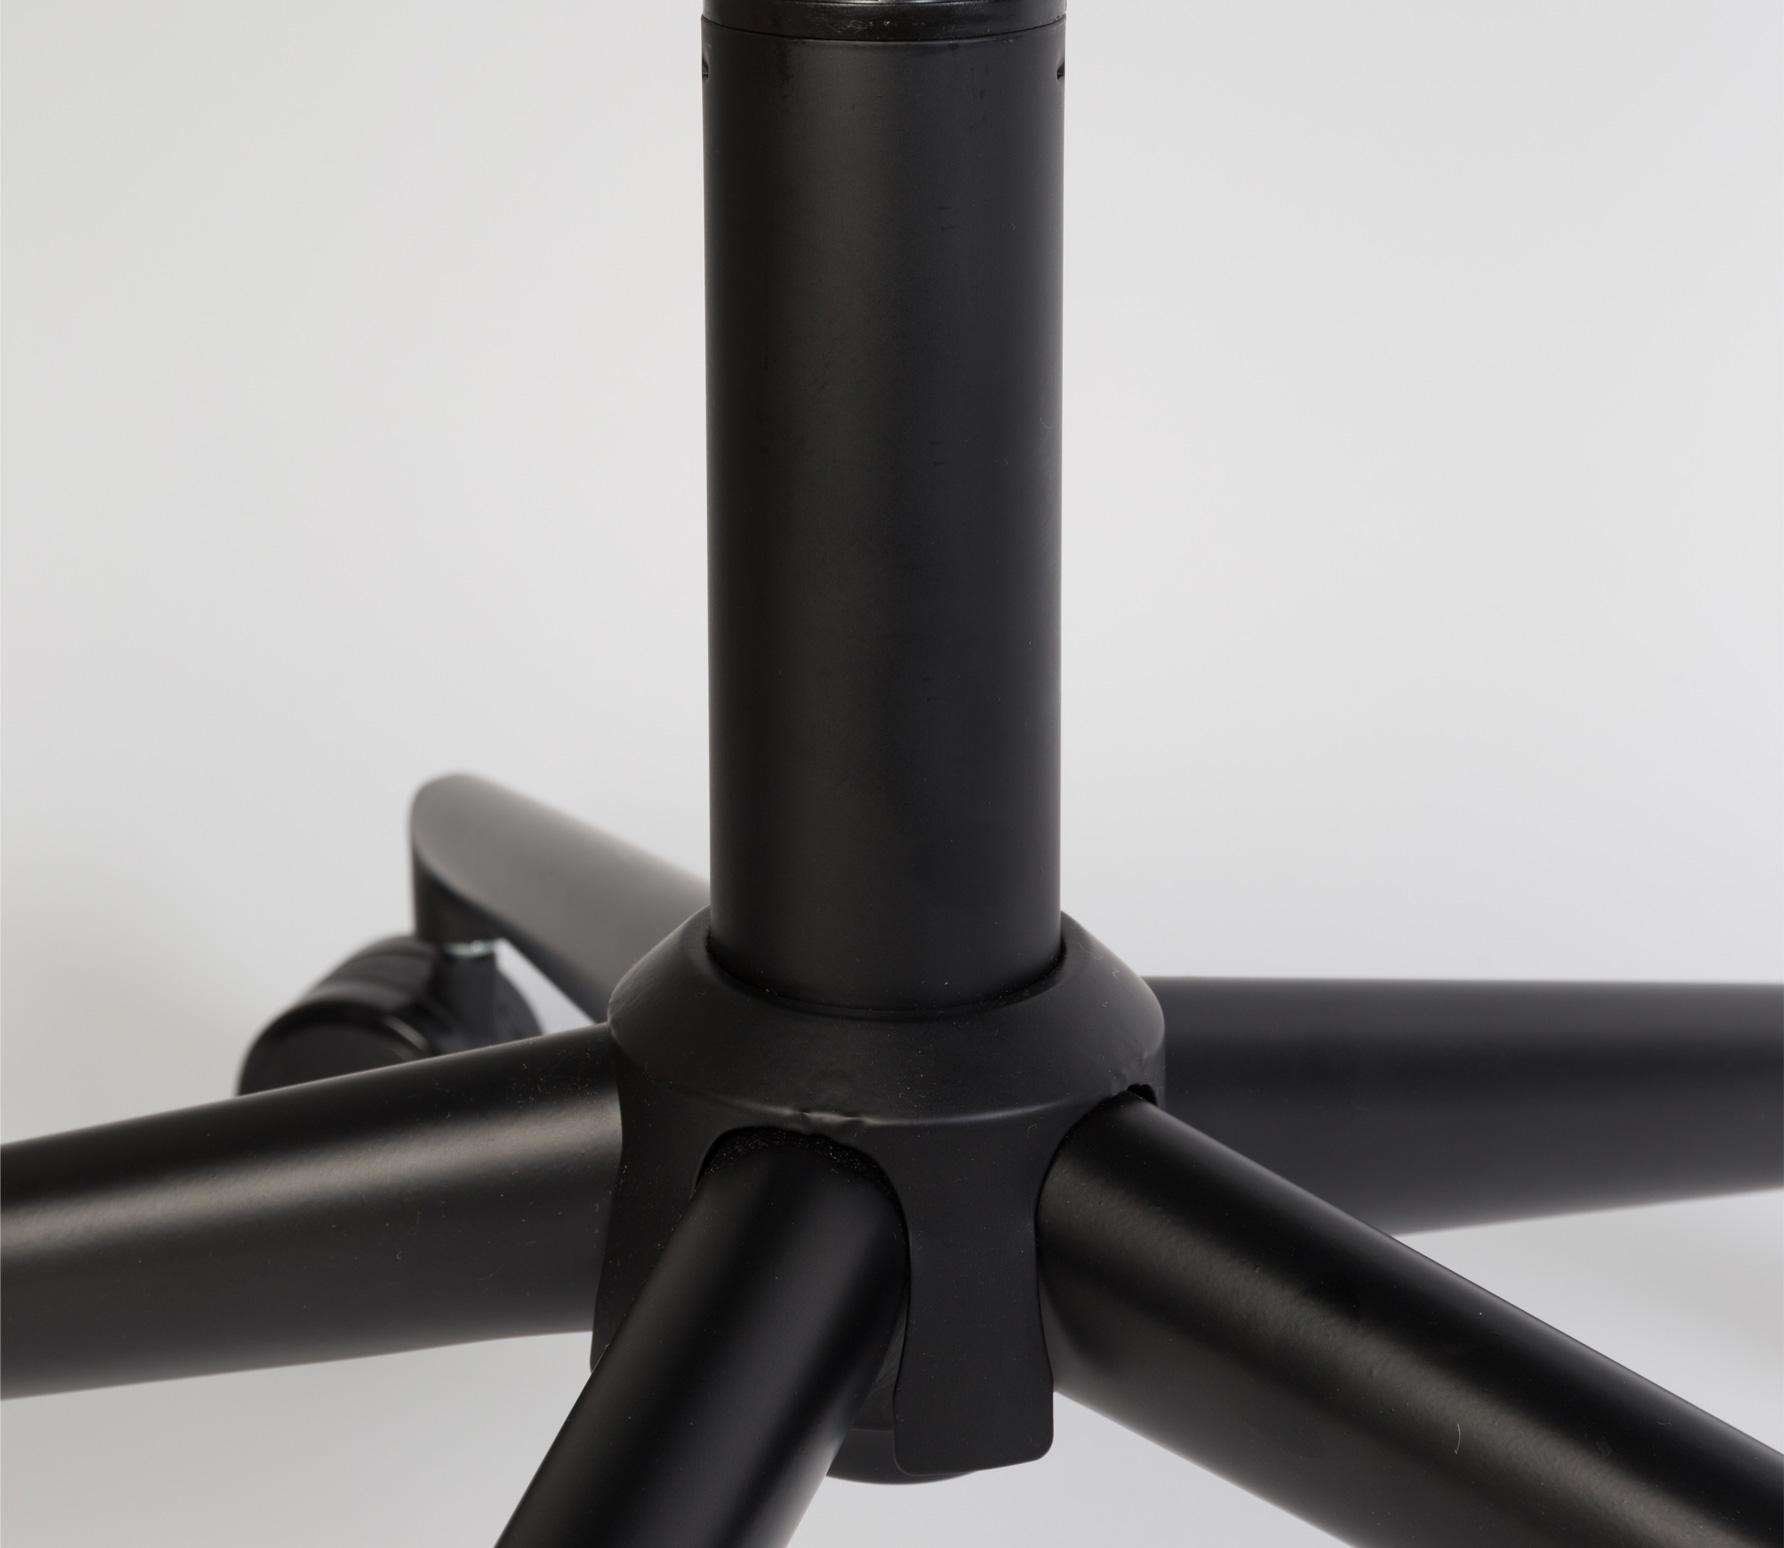 Zuiver OMG bureaustoel grijs zwart detail 5